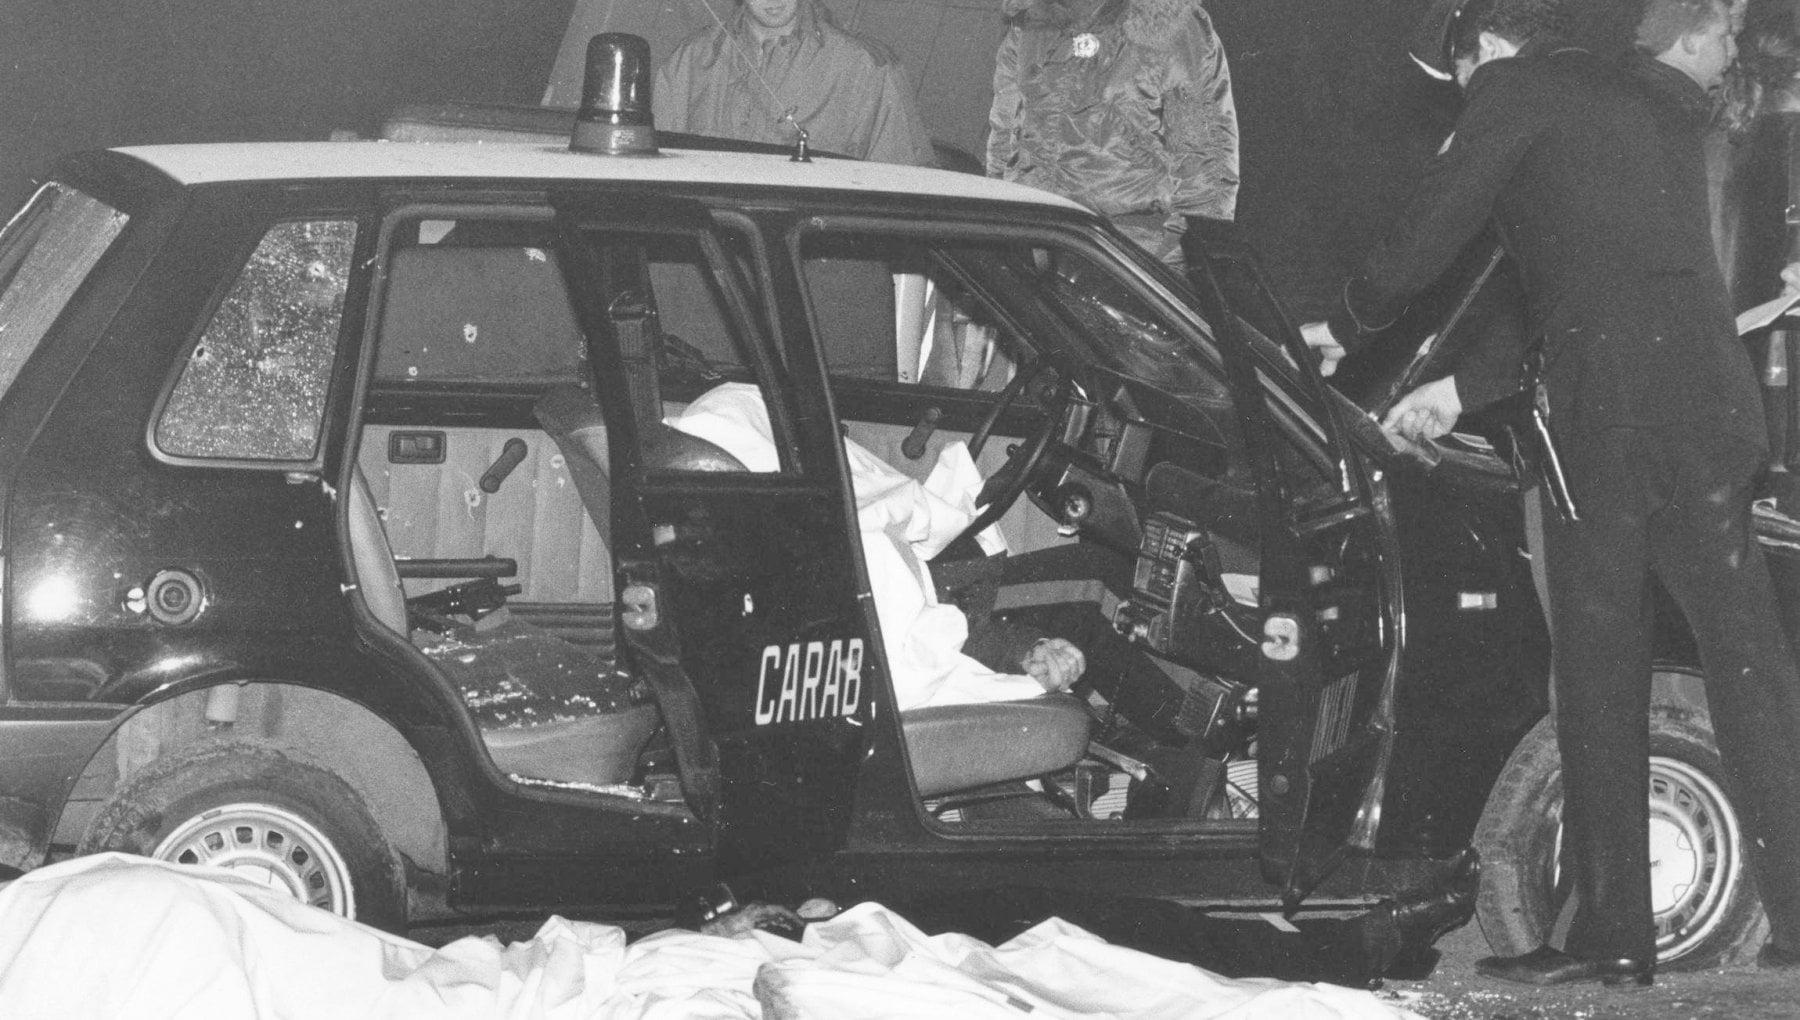 Uno Bianca 30 anni dalla strage al Pilastro. Riaprire le indagini